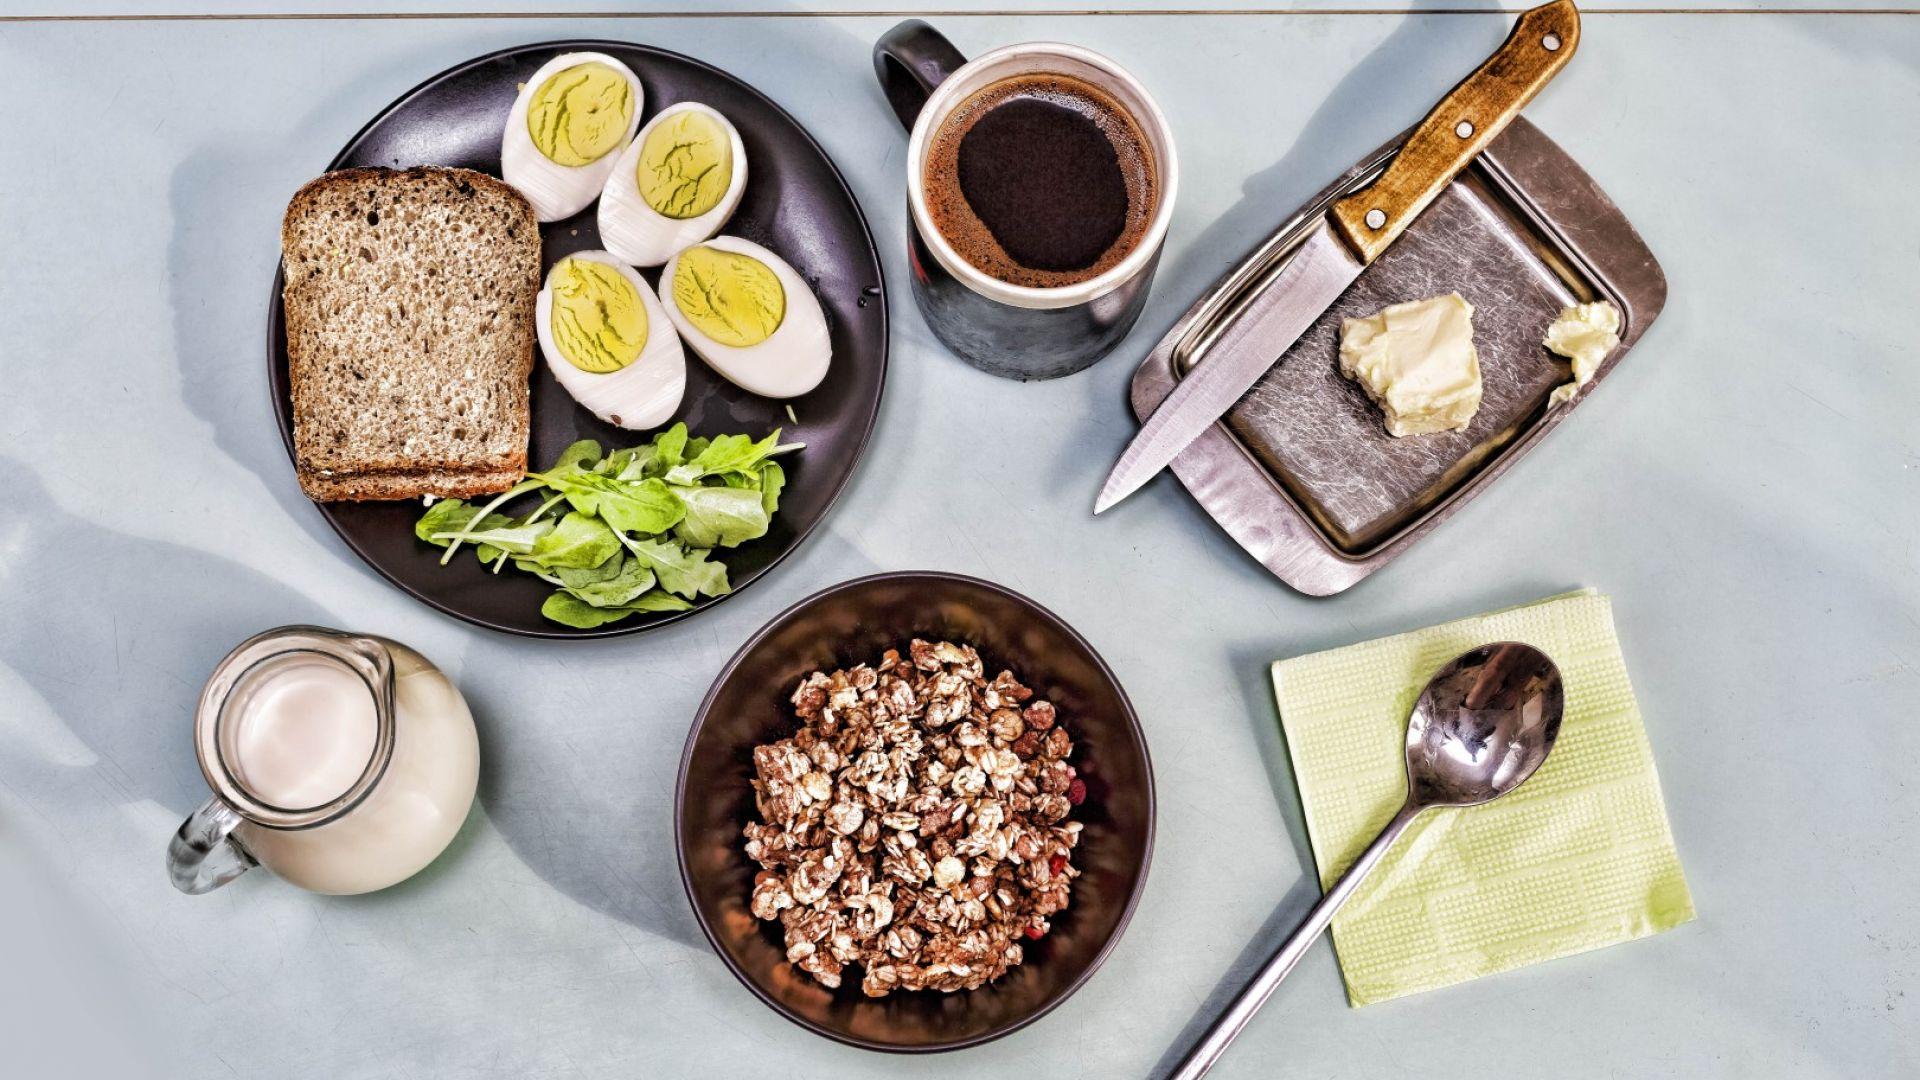 5 храни, смятани за вредни, които всъщност са полезни